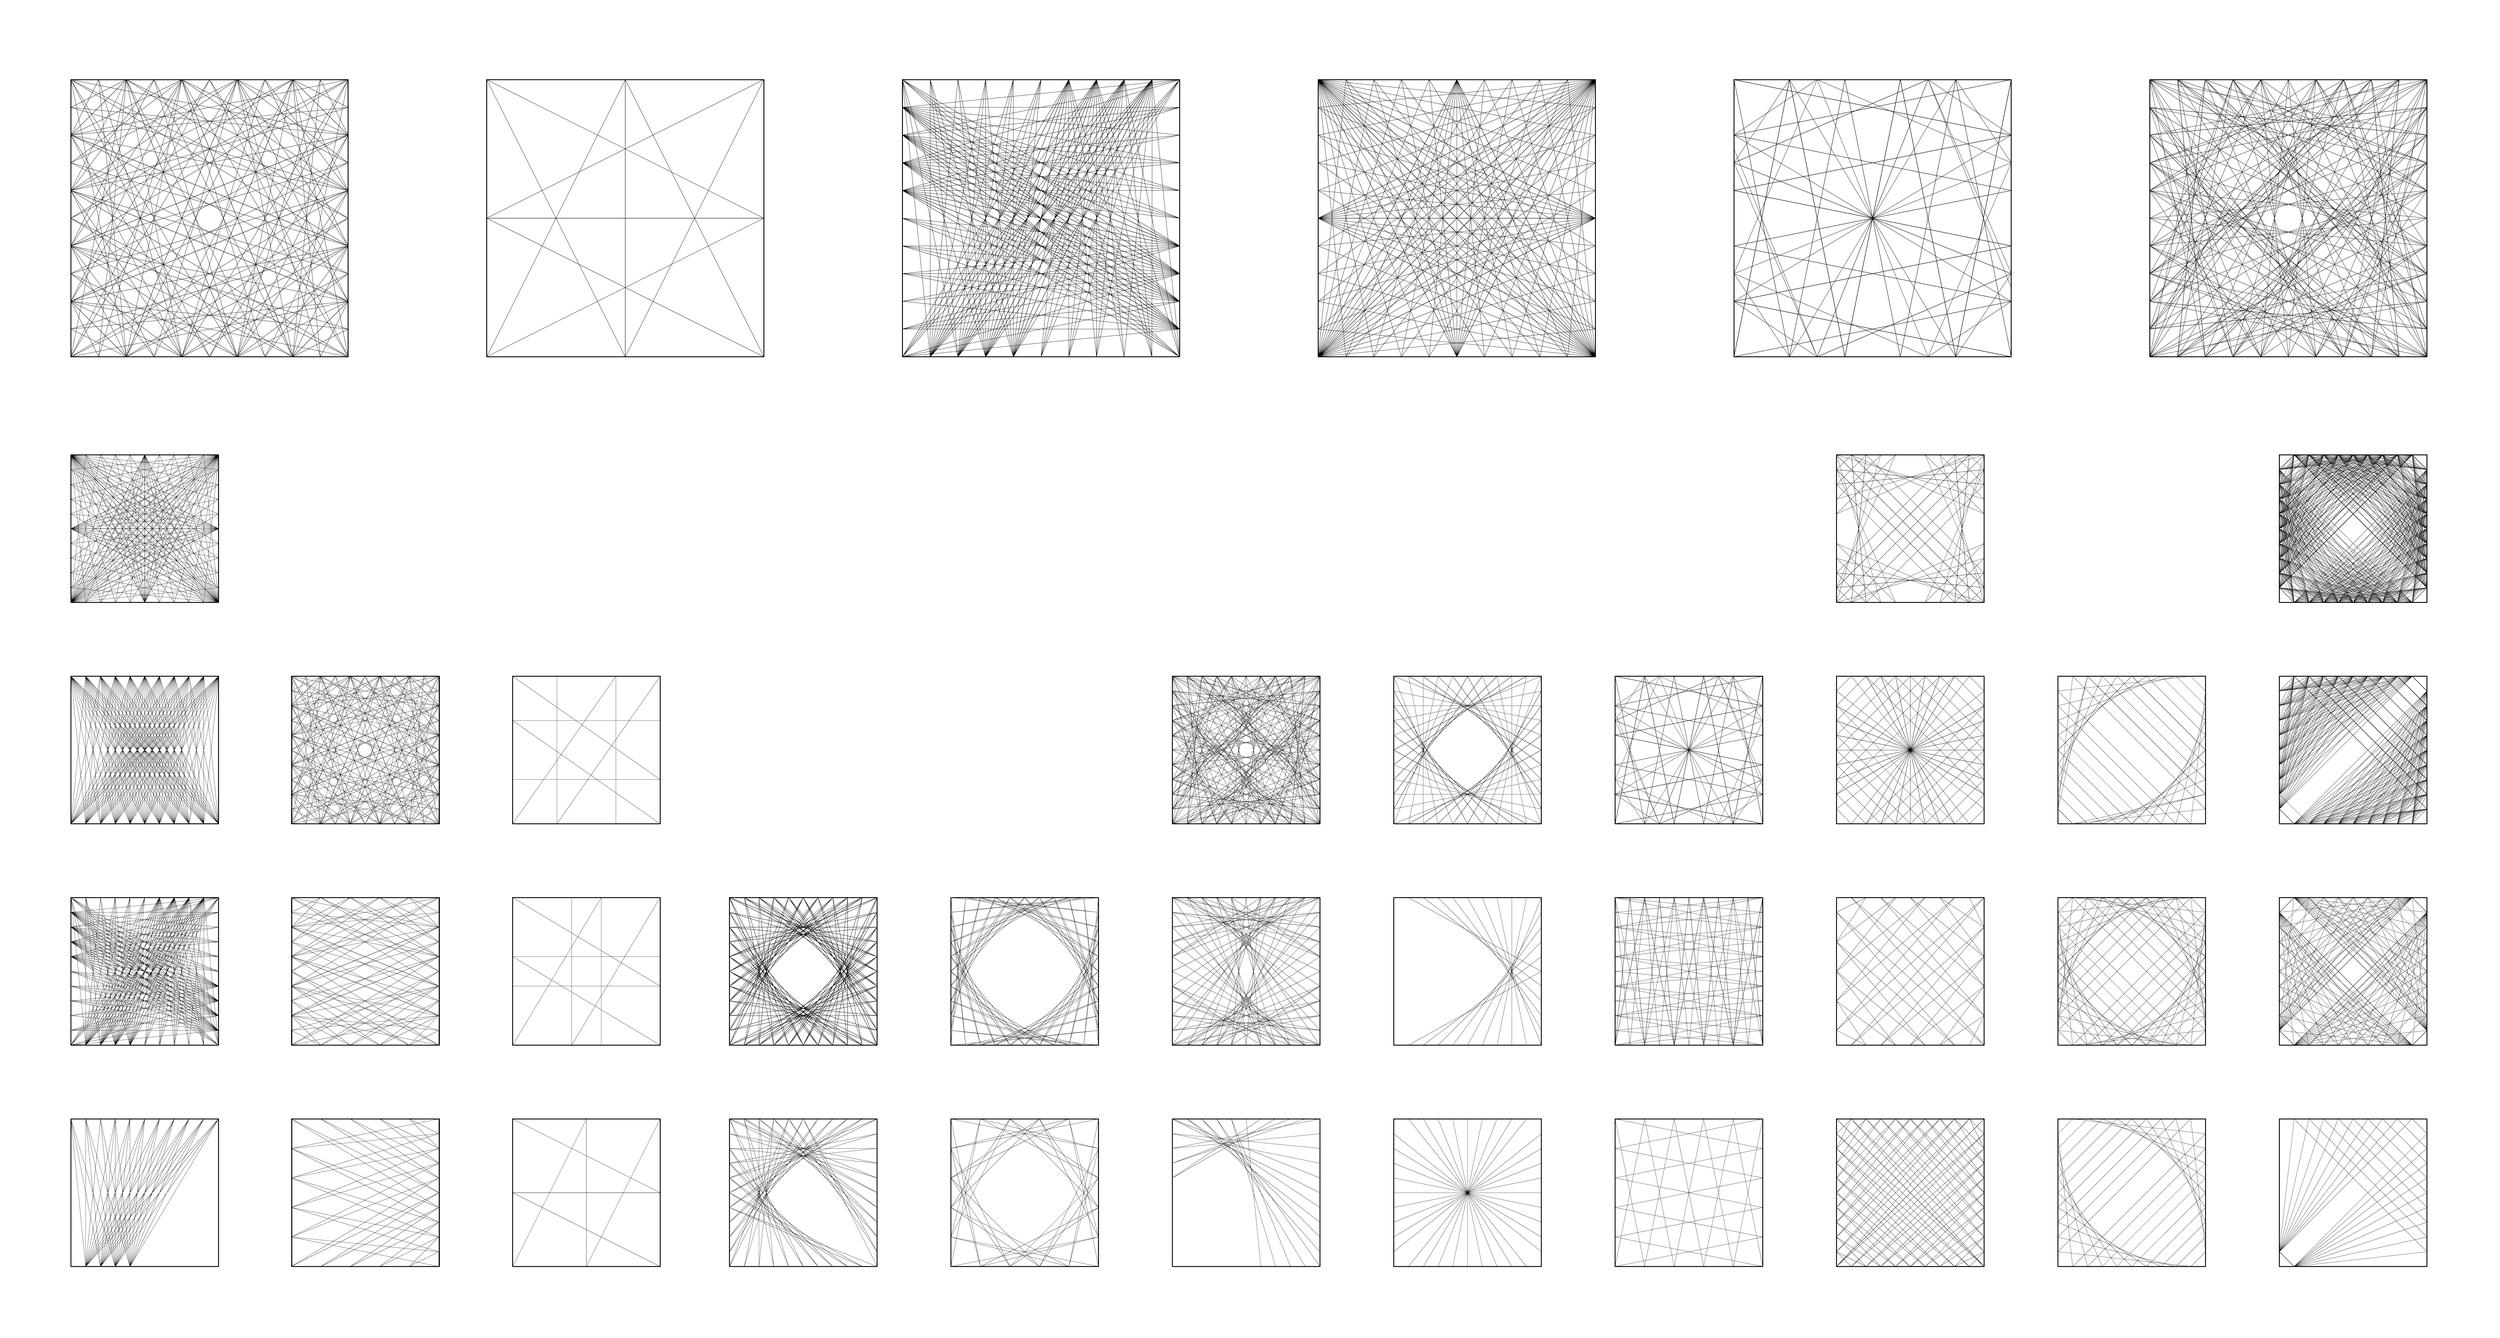 Winding studies-01.jpg